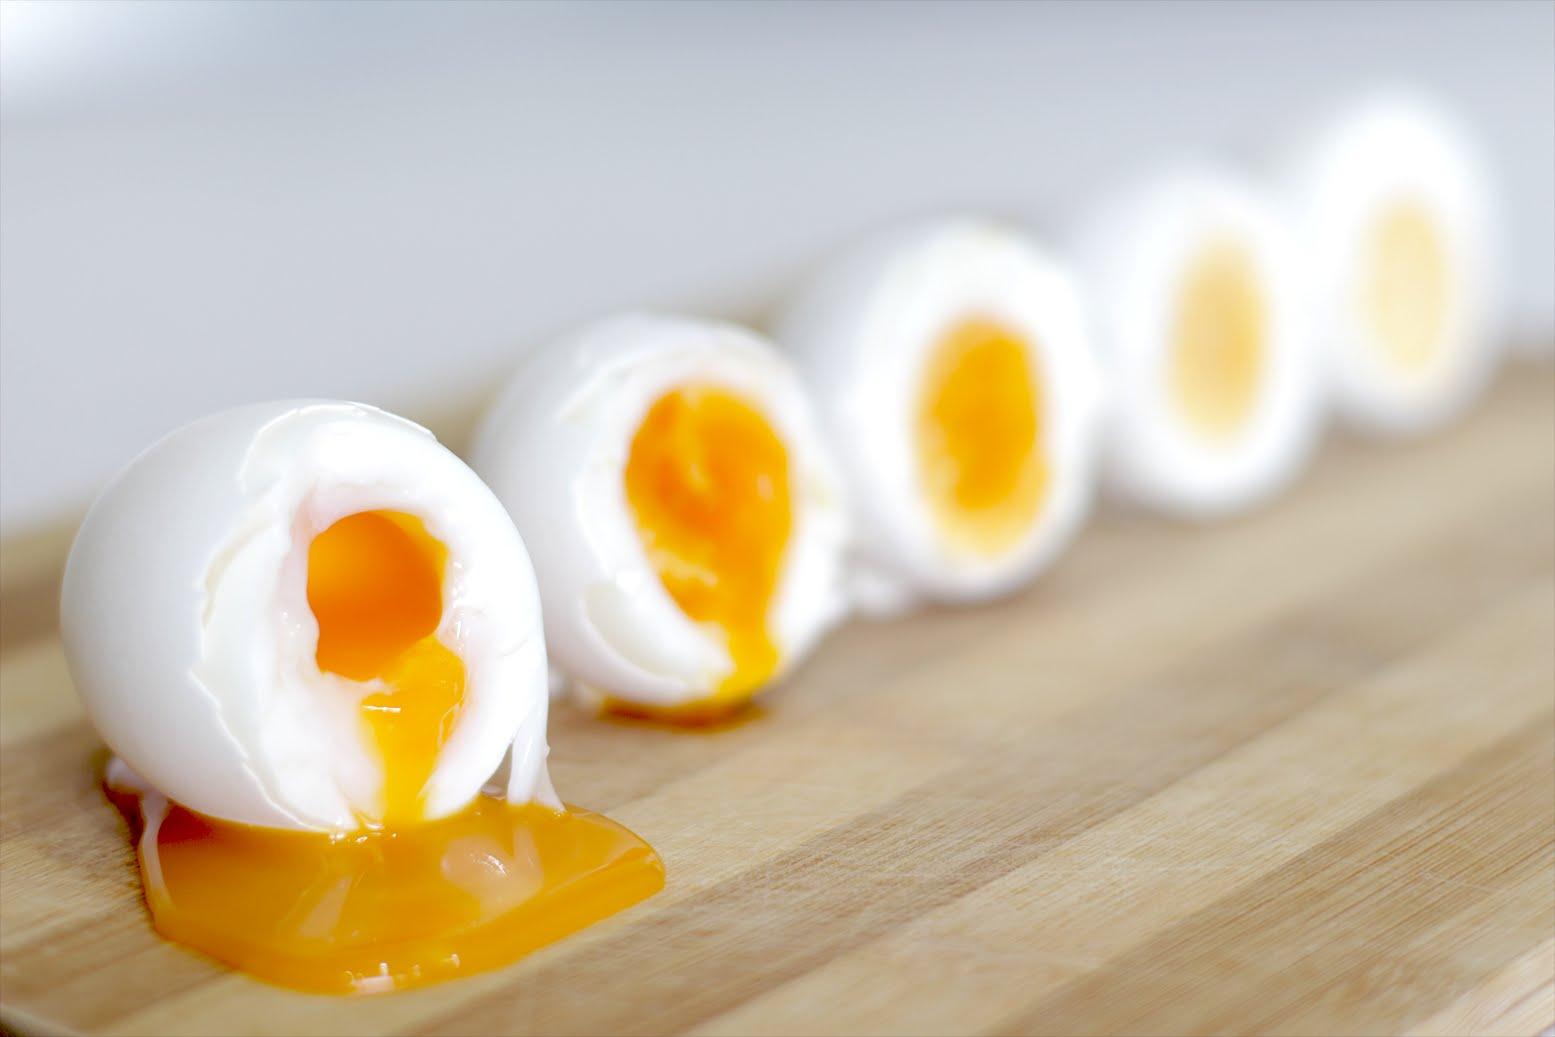 как варить яйца всмятку сколько минут на газу